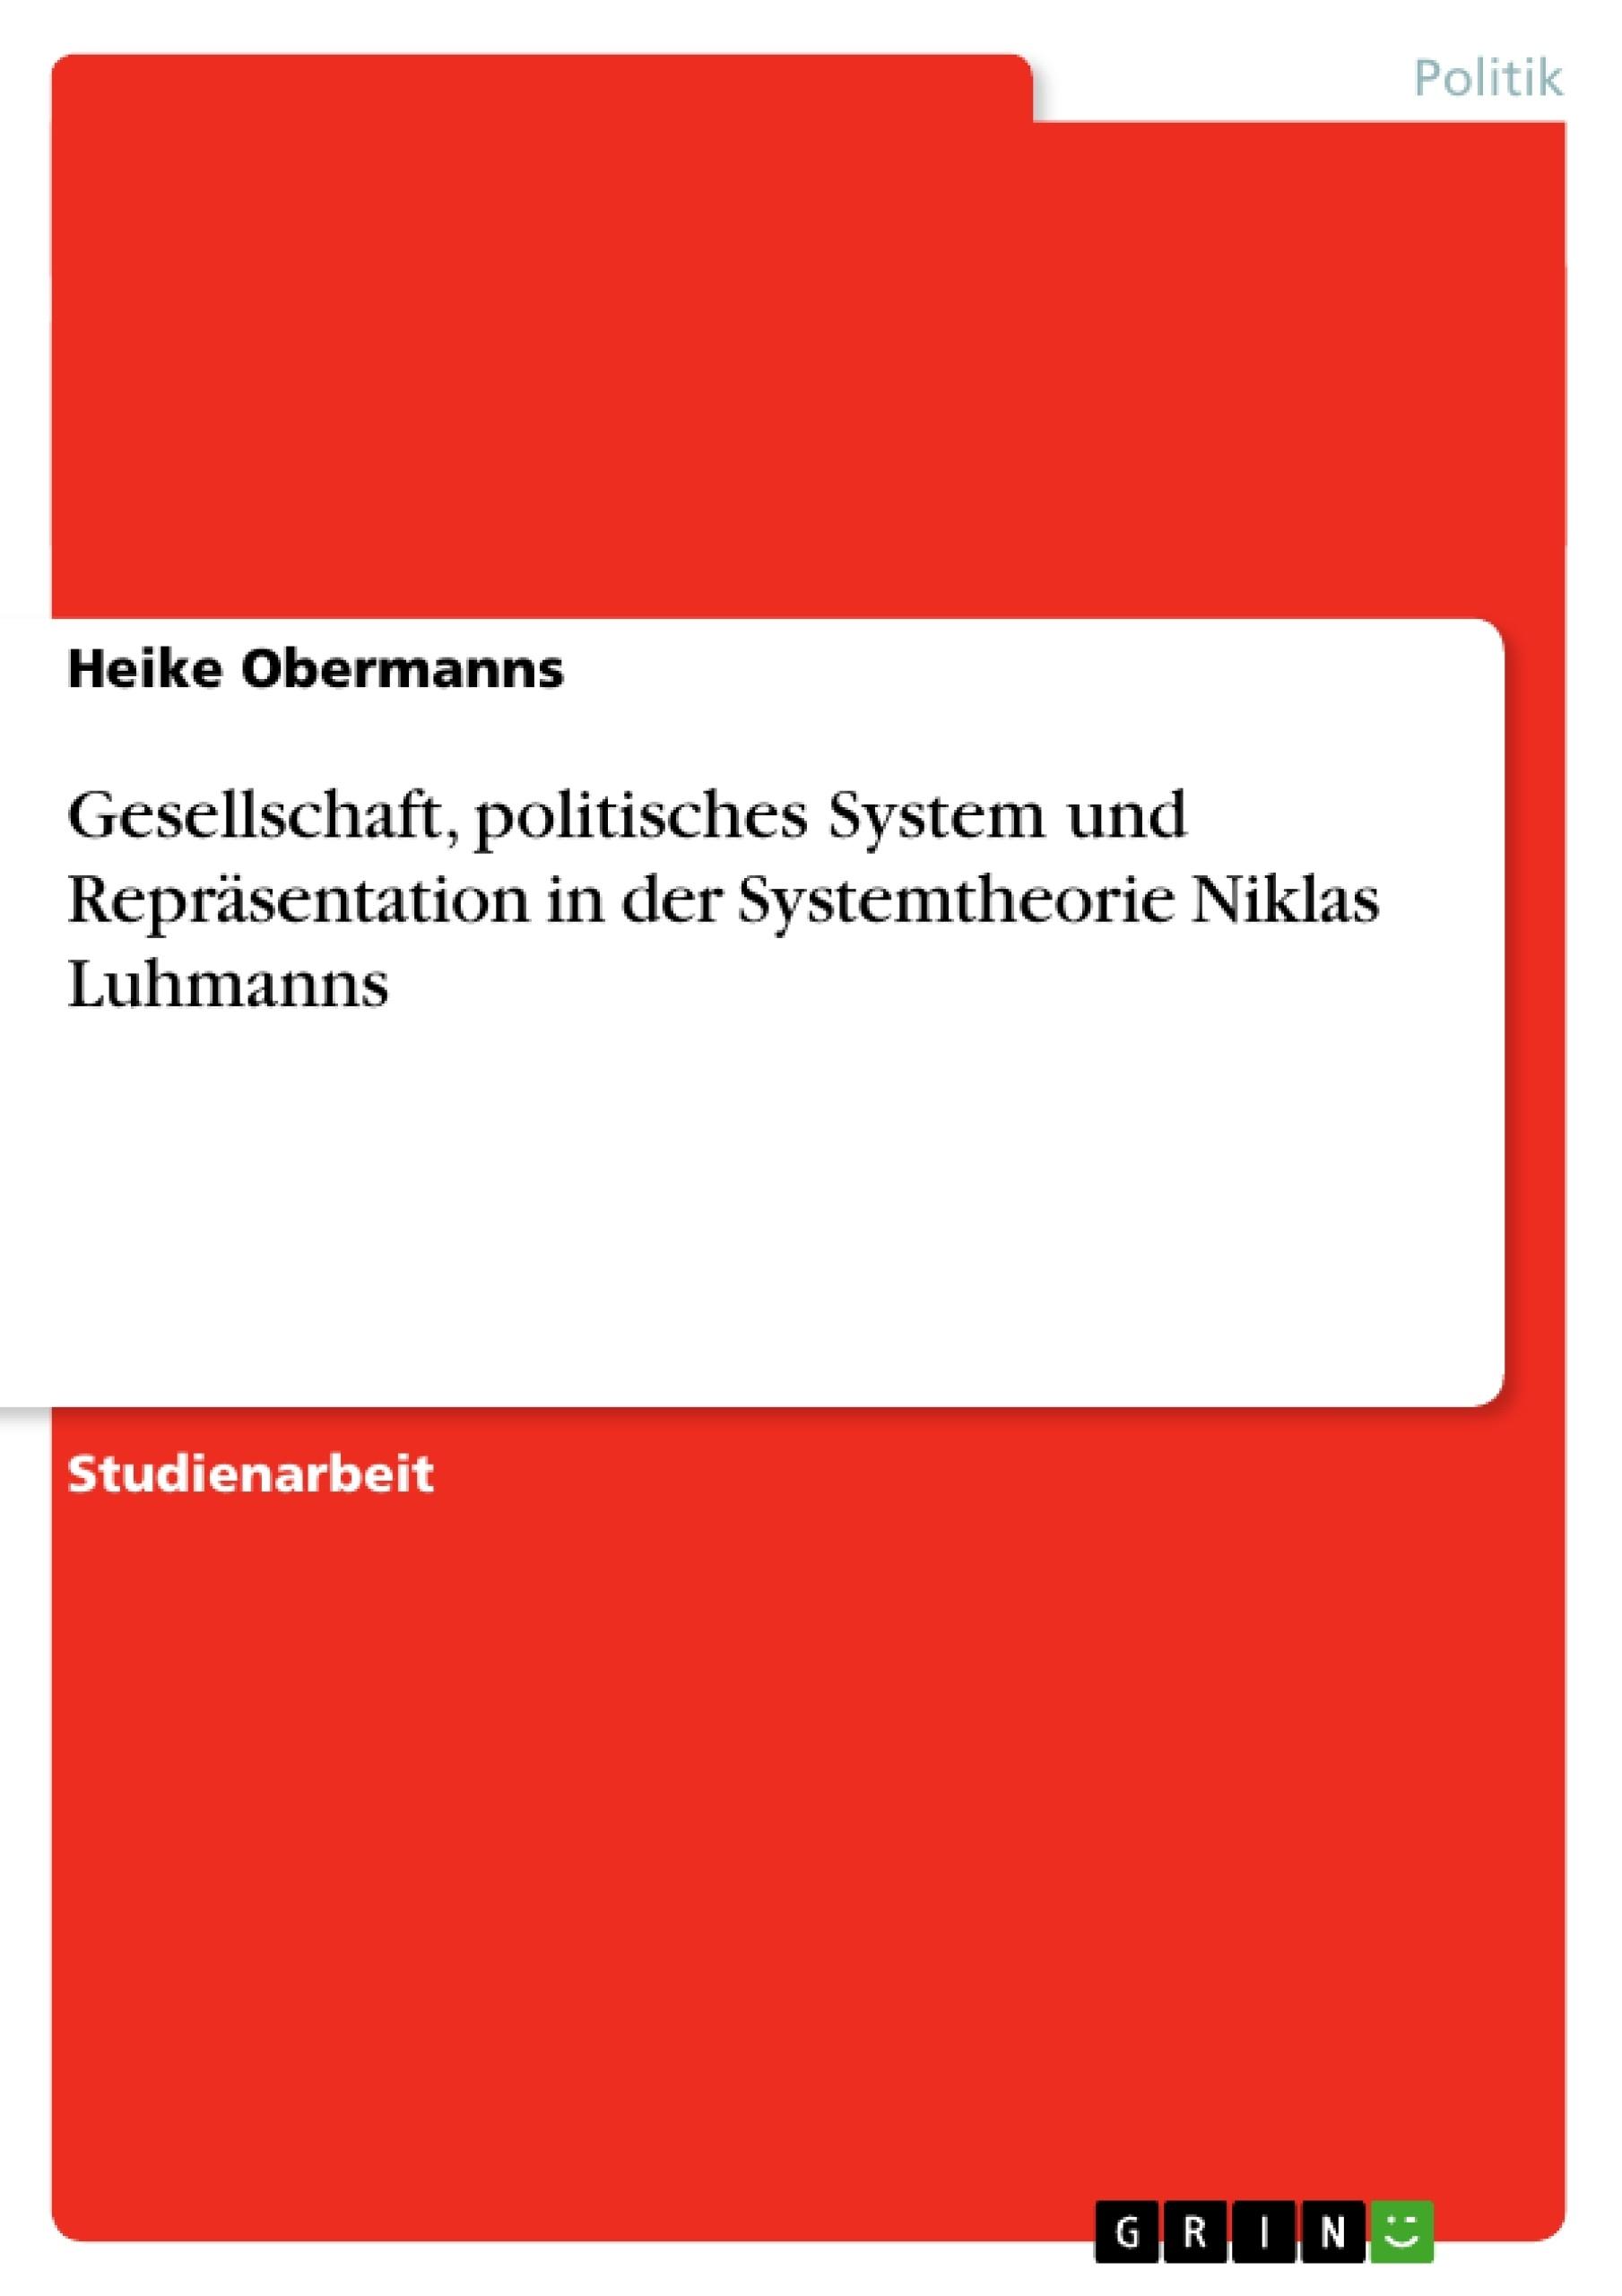 Titel: Gesellschaft, politisches System und Repräsentation in der Systemtheorie Niklas Luhmanns